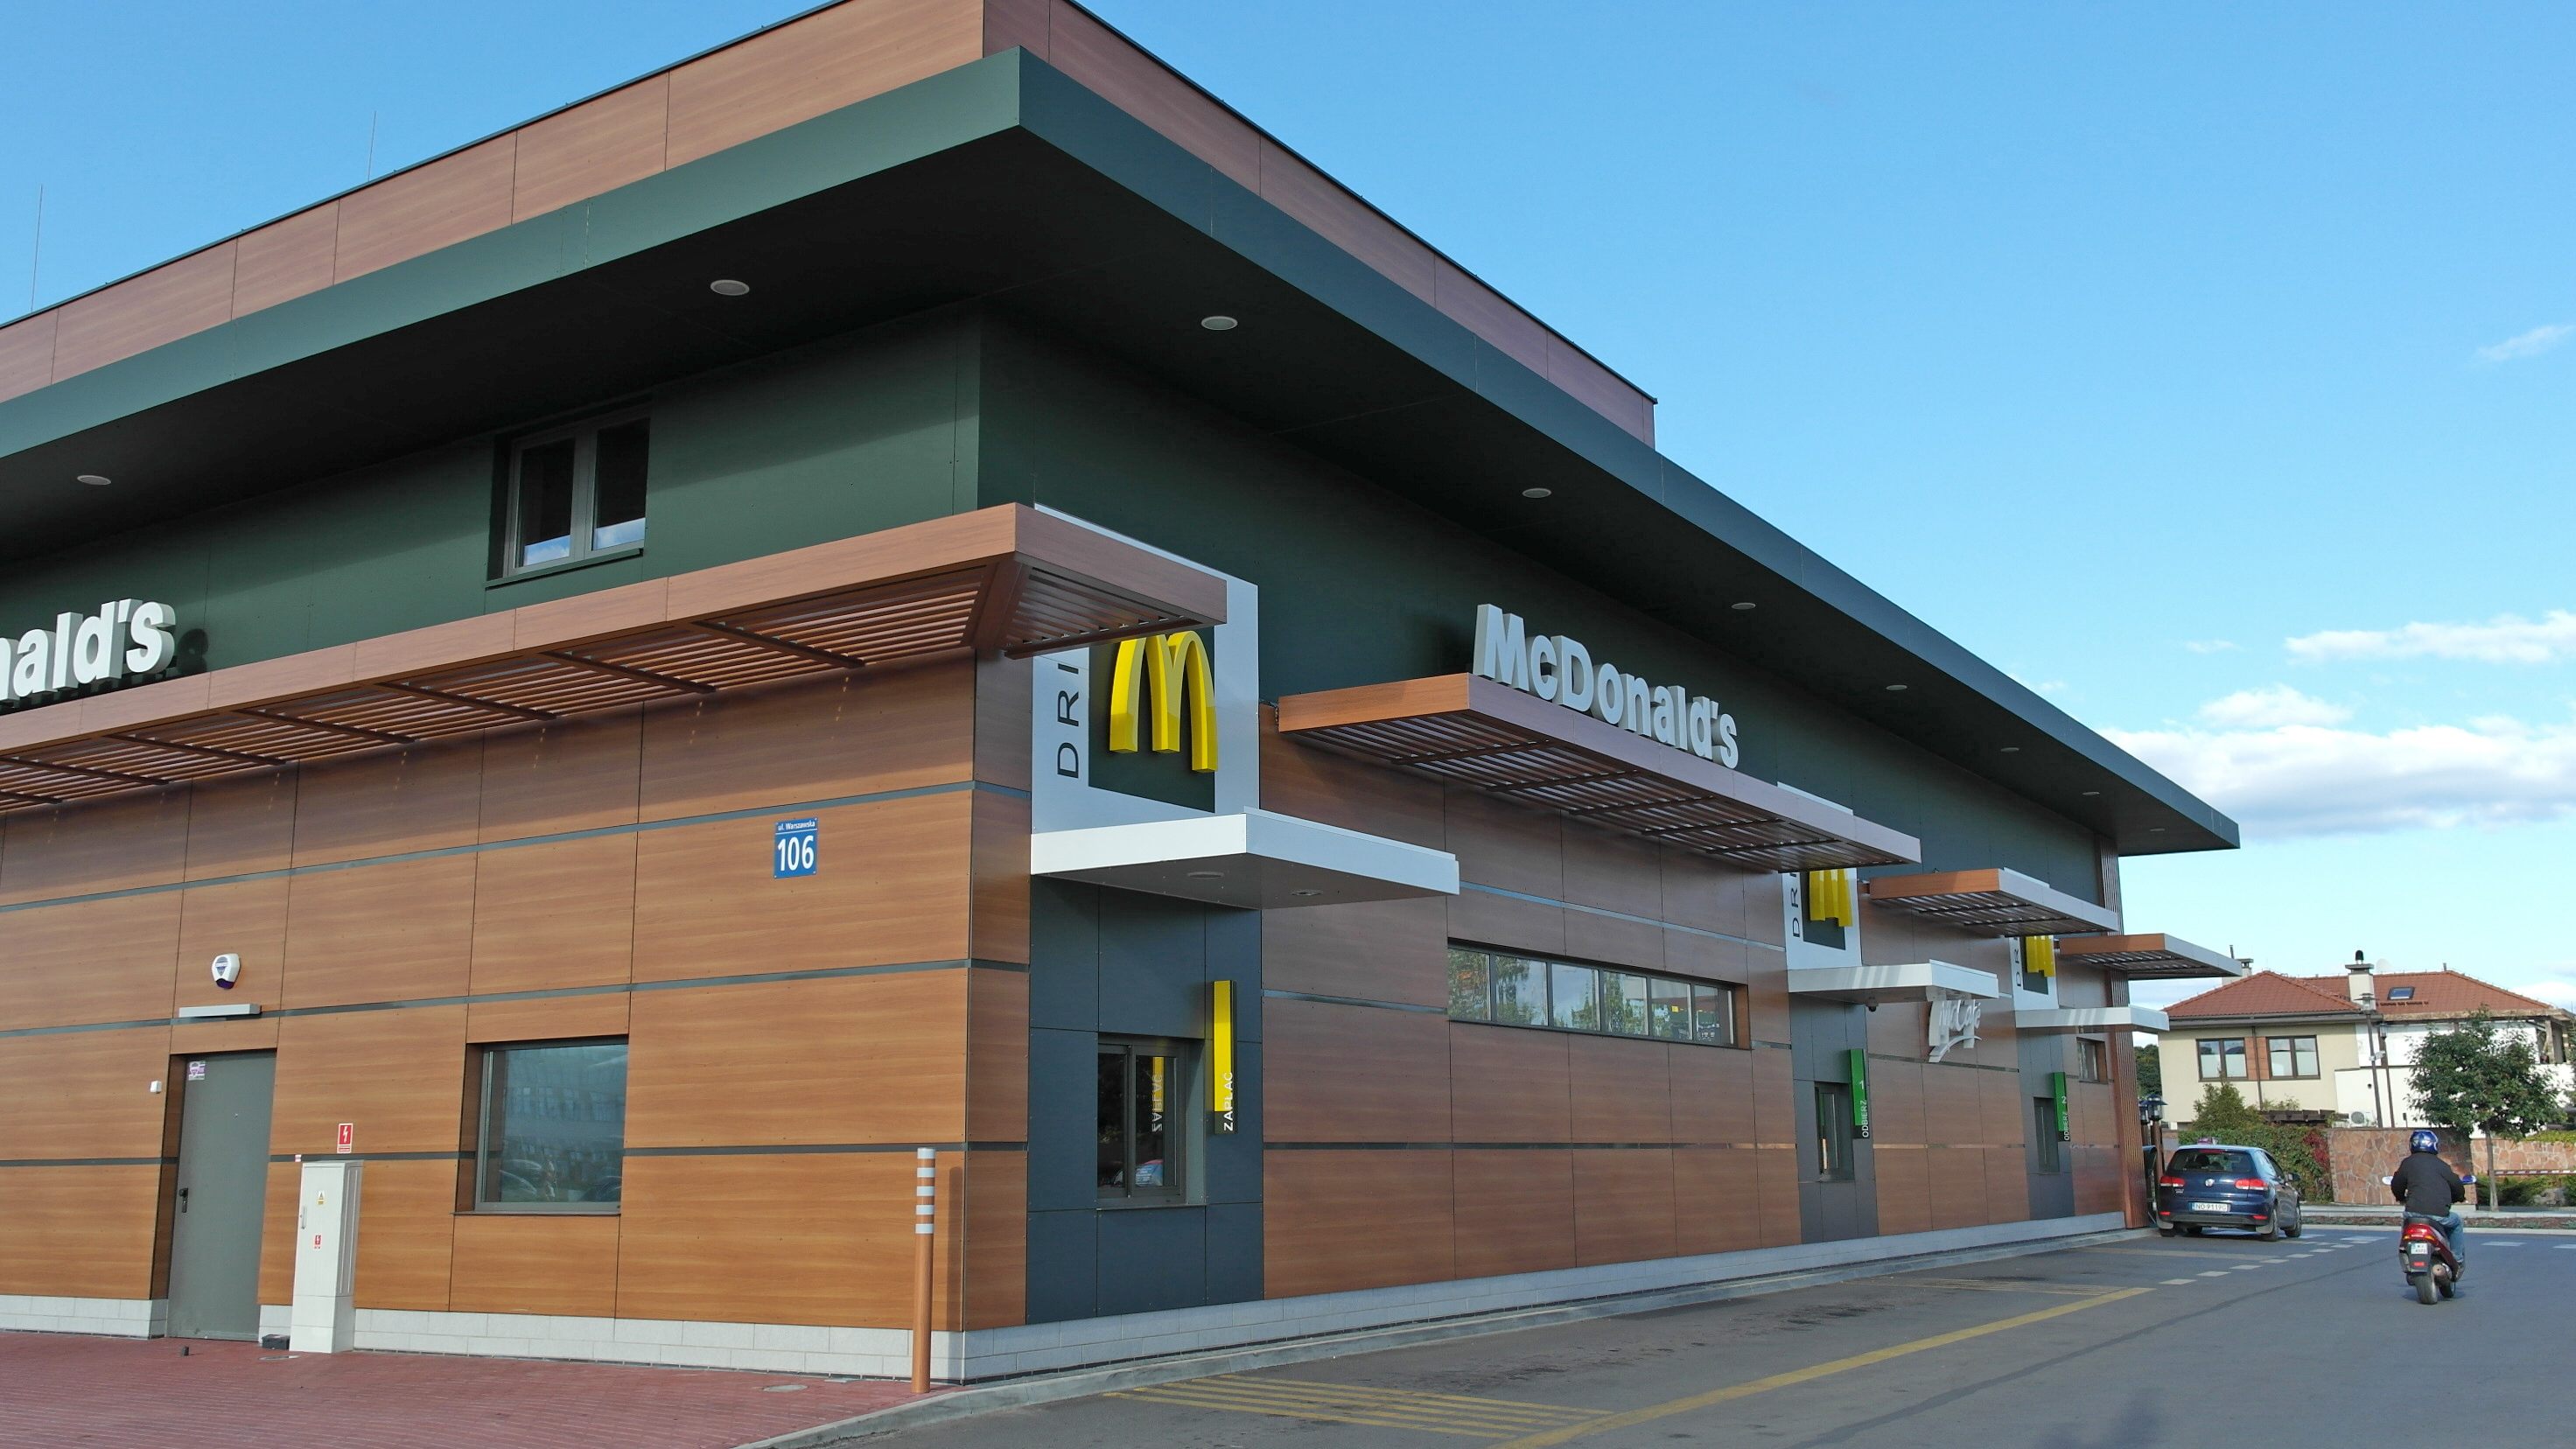 McDonald's è una delle reti in franchising più note originaria degli Stati Uniti